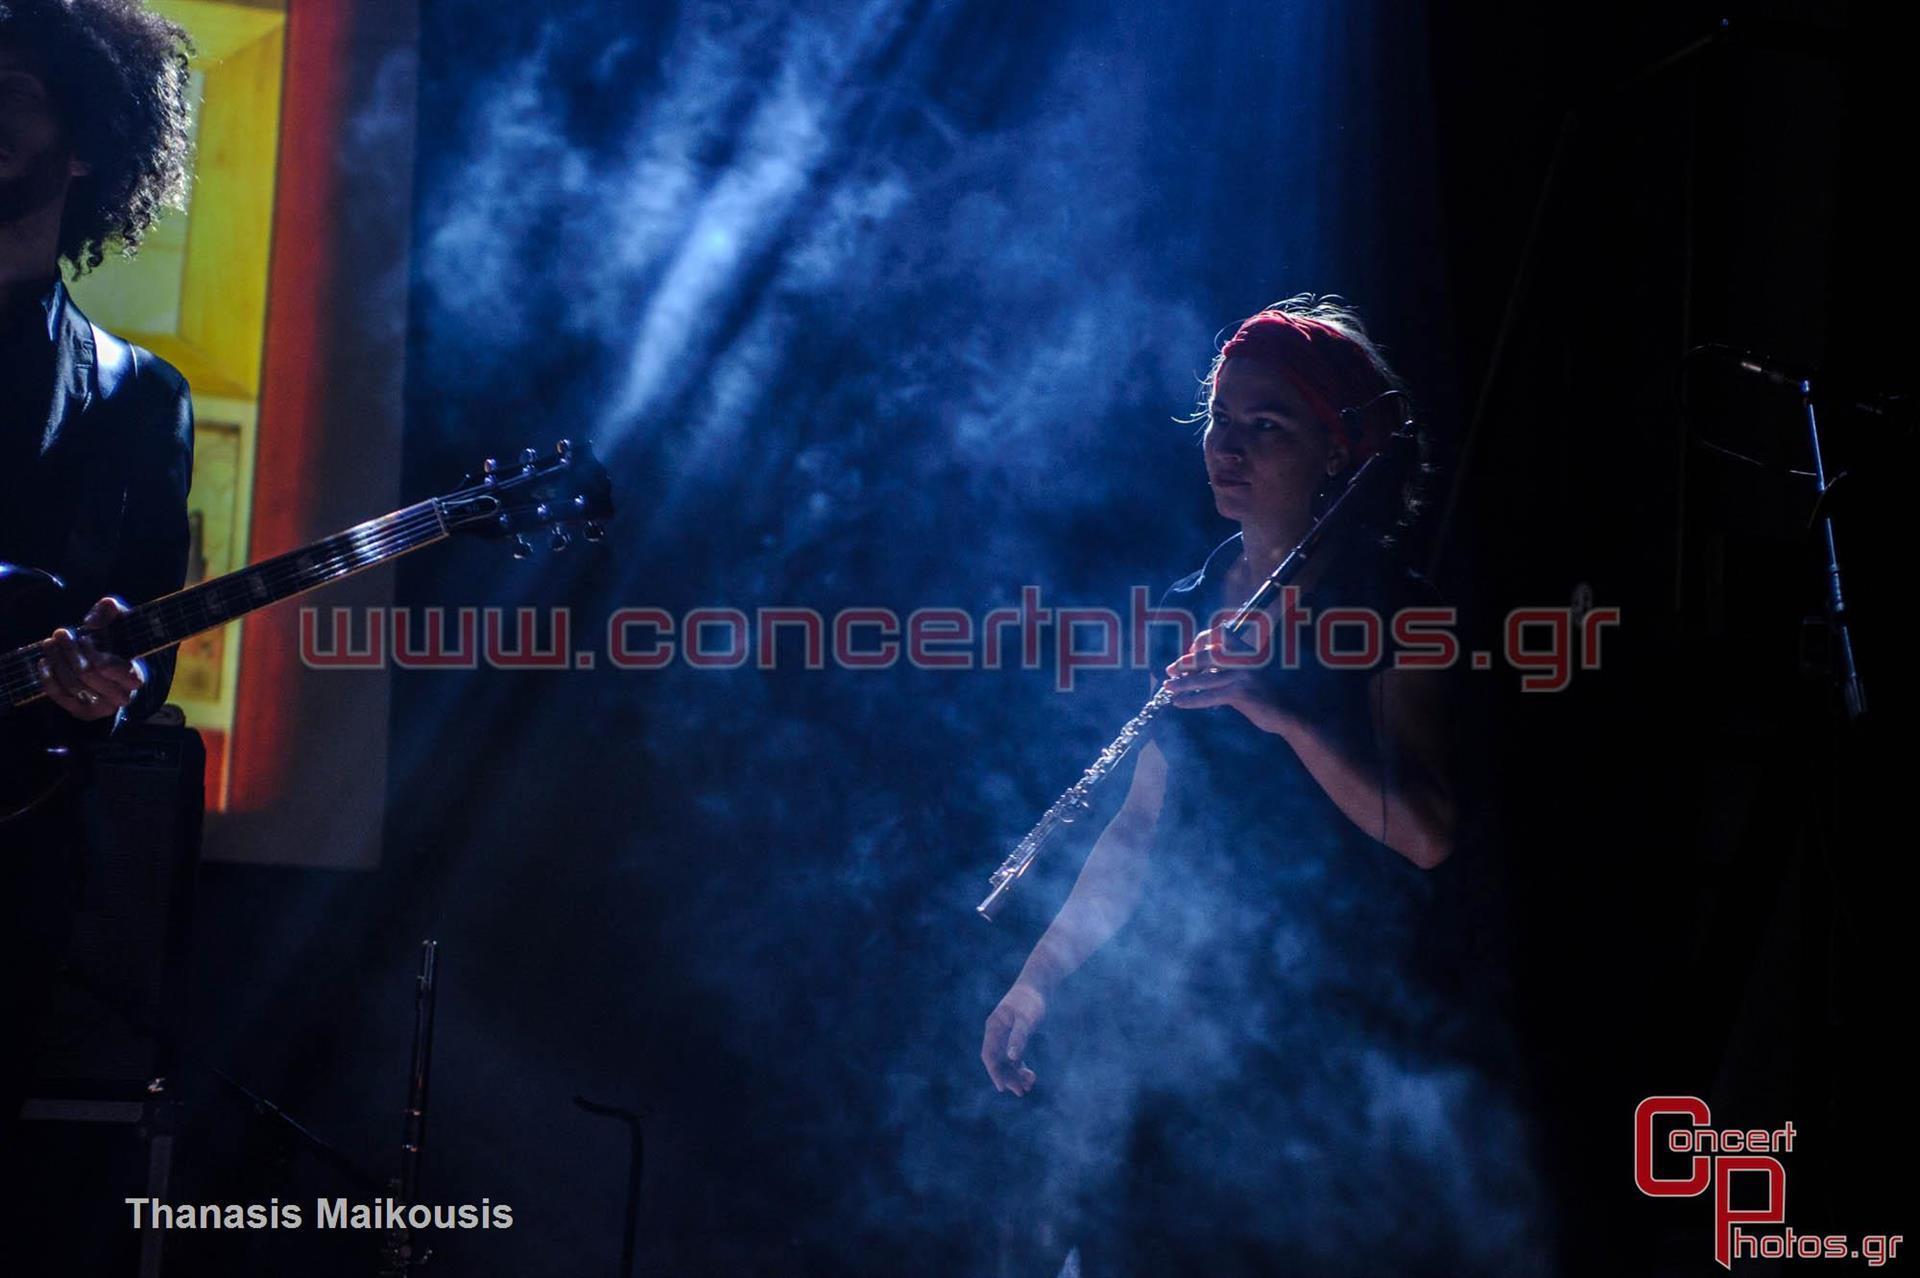 Wax Tailor - photographer: Thanasis Maikousis - ConcertPhotos-7597